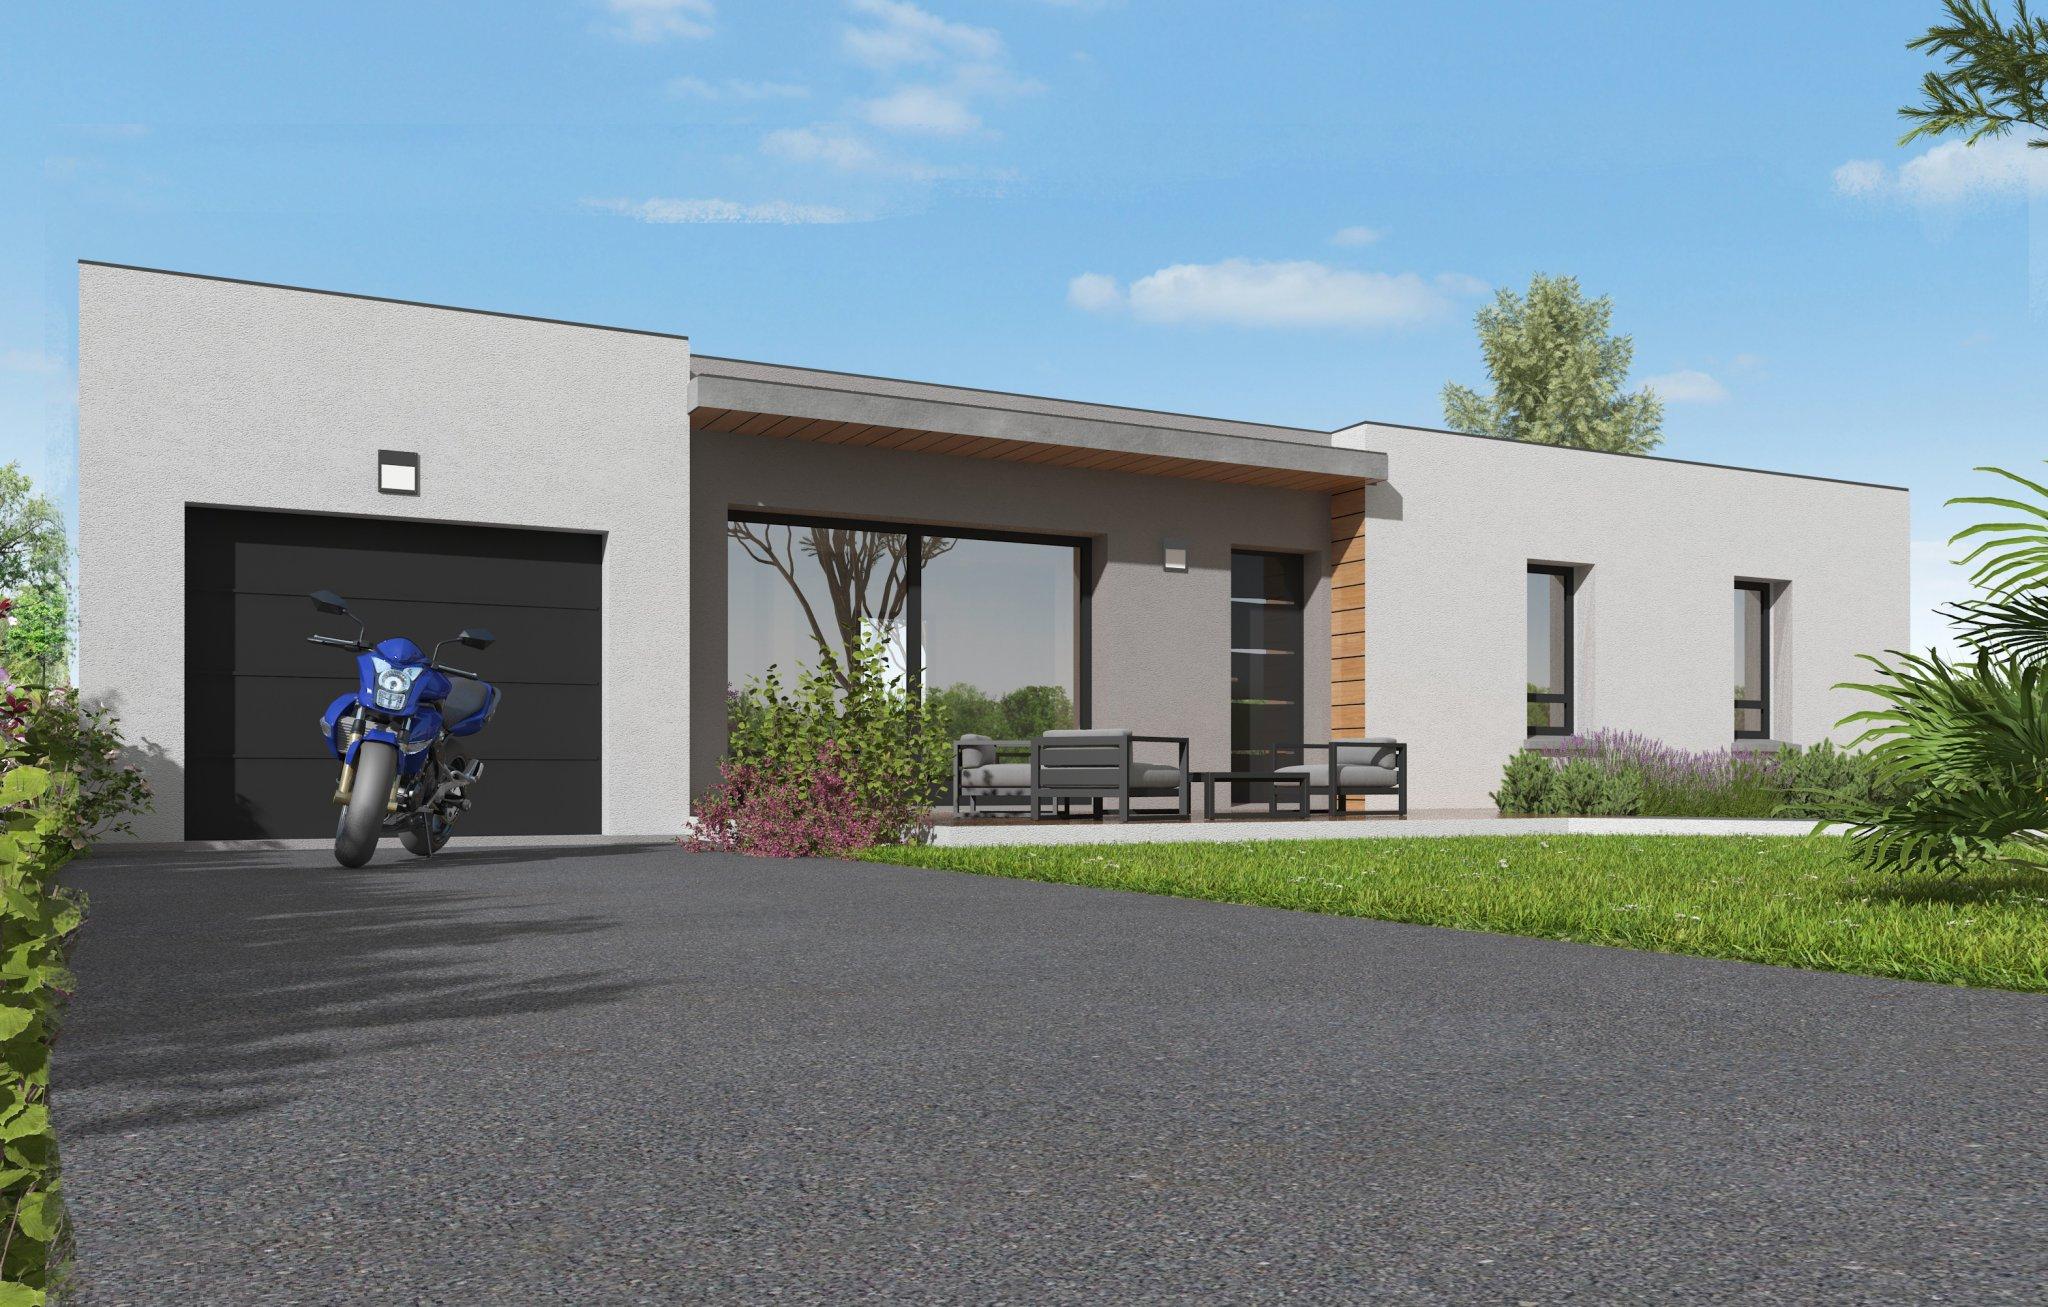 Terrains du constructeur MAISONS CLEDOR • 850 m² • SAINT AMANT TALLENDE